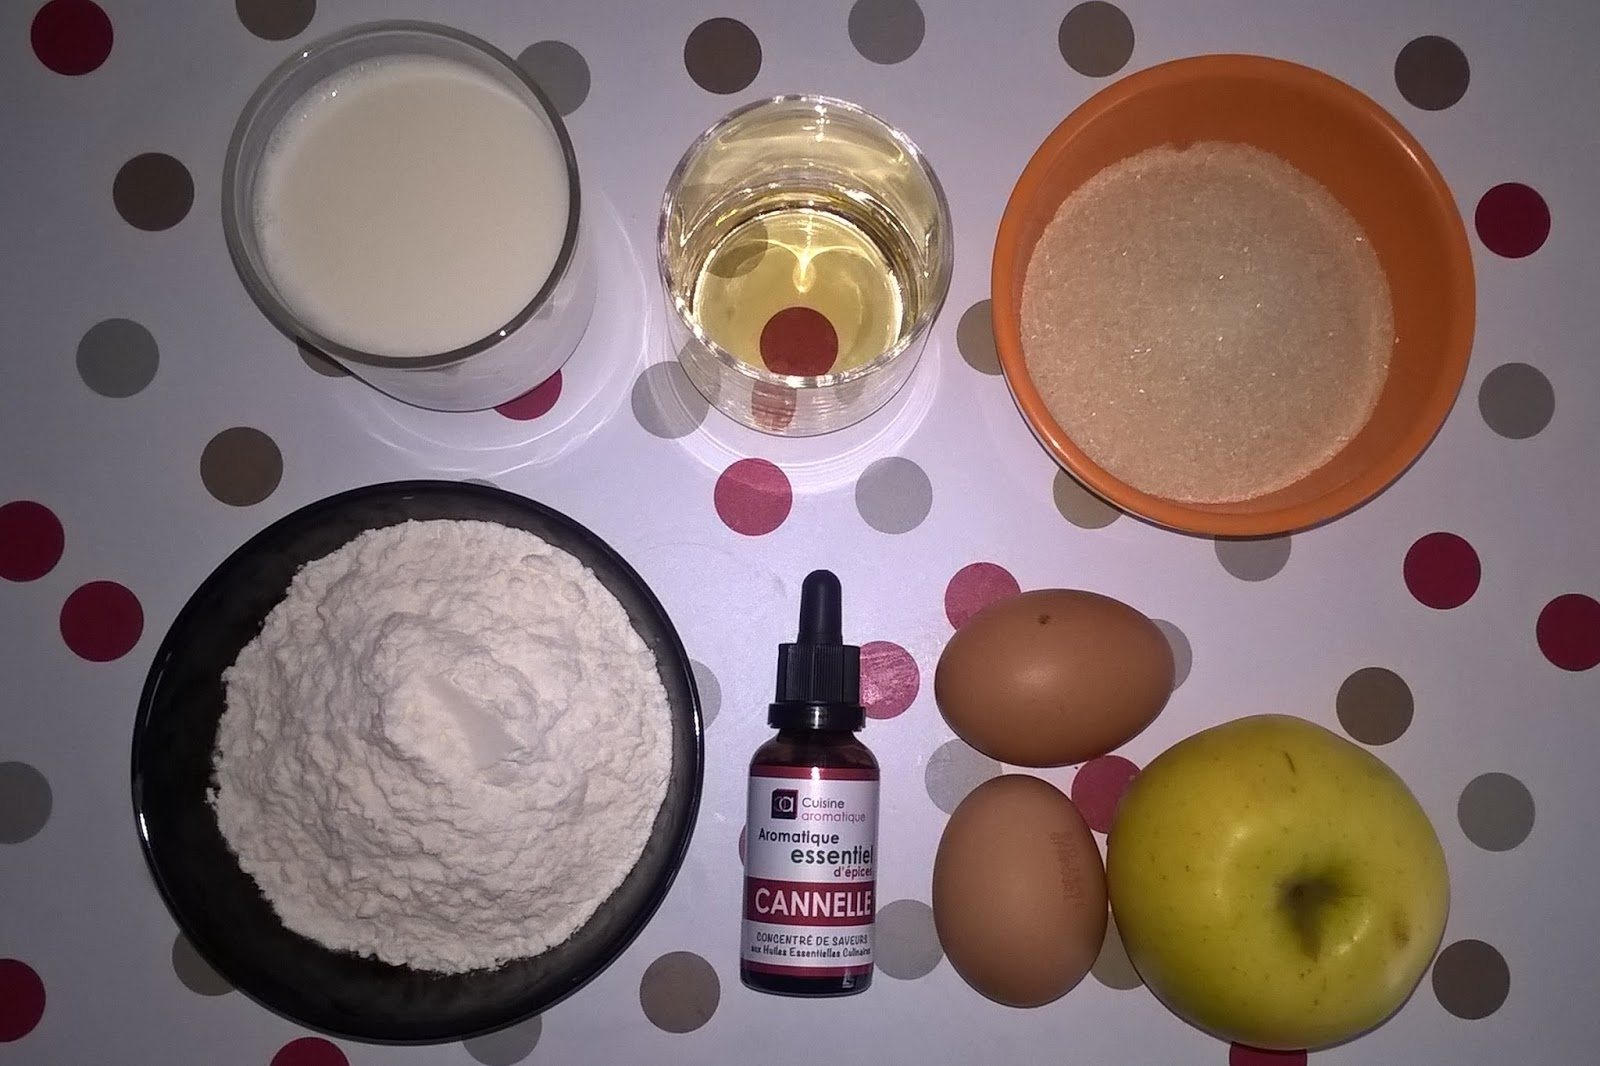 Test des huiles essentielles culinaires avec Cuisine Aromatique